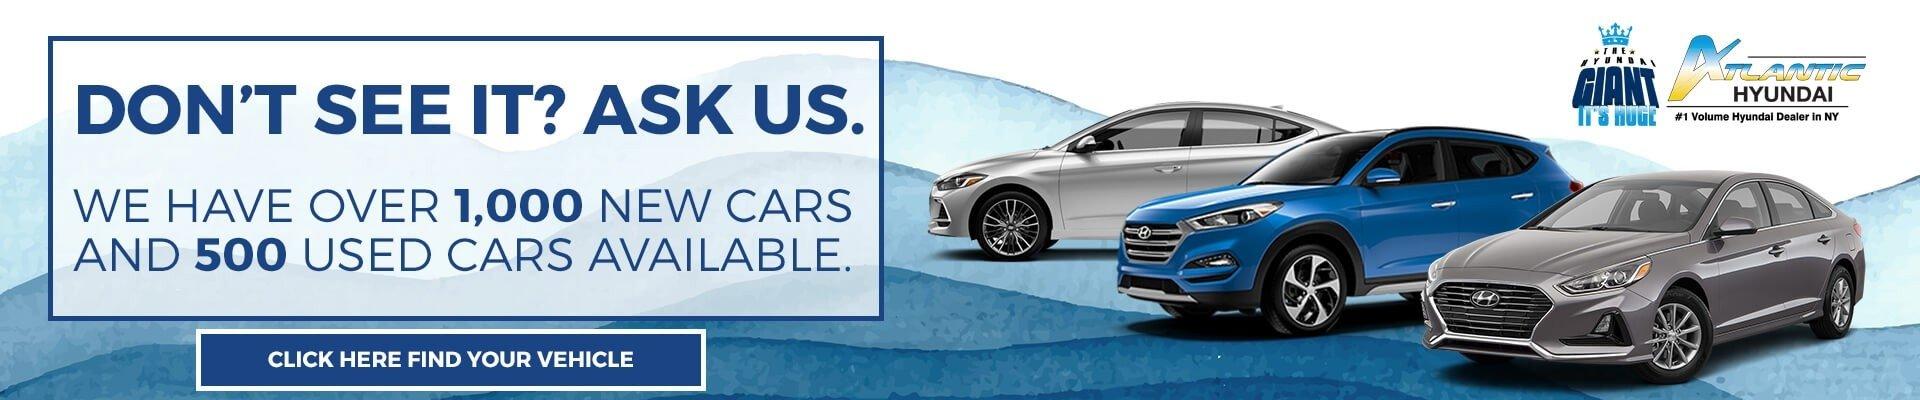 Long Island Hyundai Dealer | Atlantic Hyundai of West Islip, NY